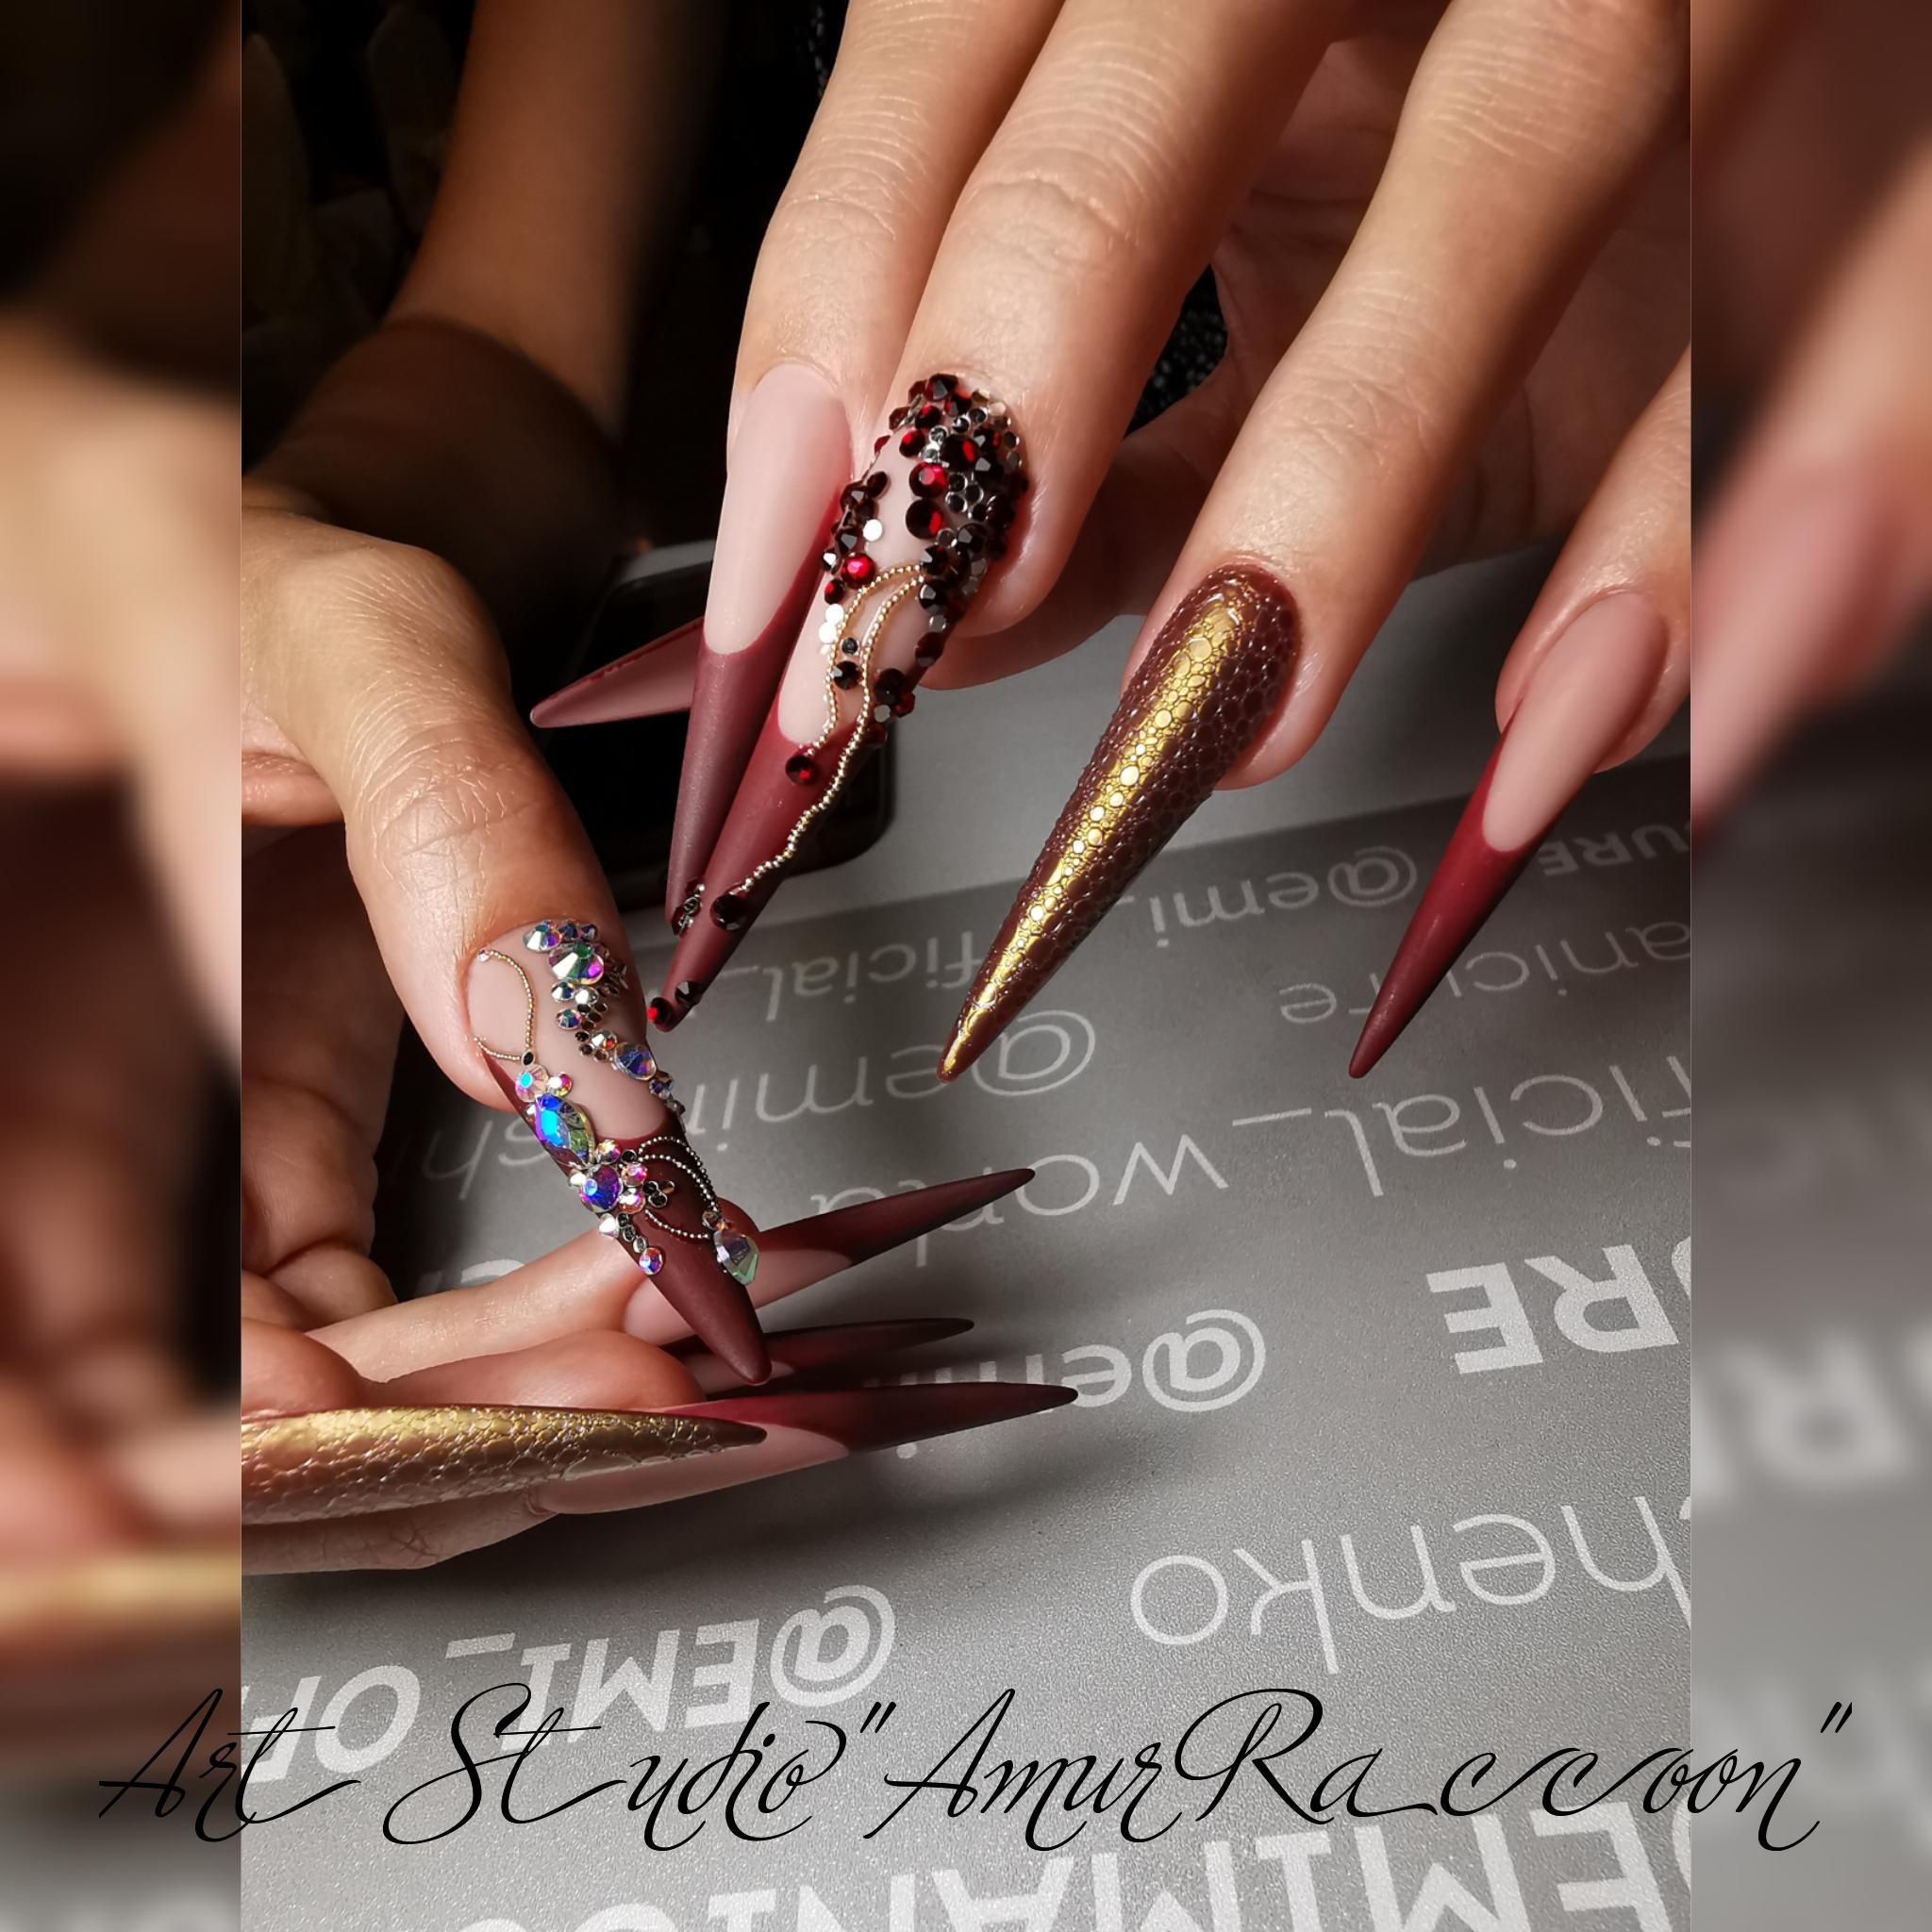 Бордовый матовый французский маникюр на длинных ногтях с объёмными стразами и золотыми блёстками.